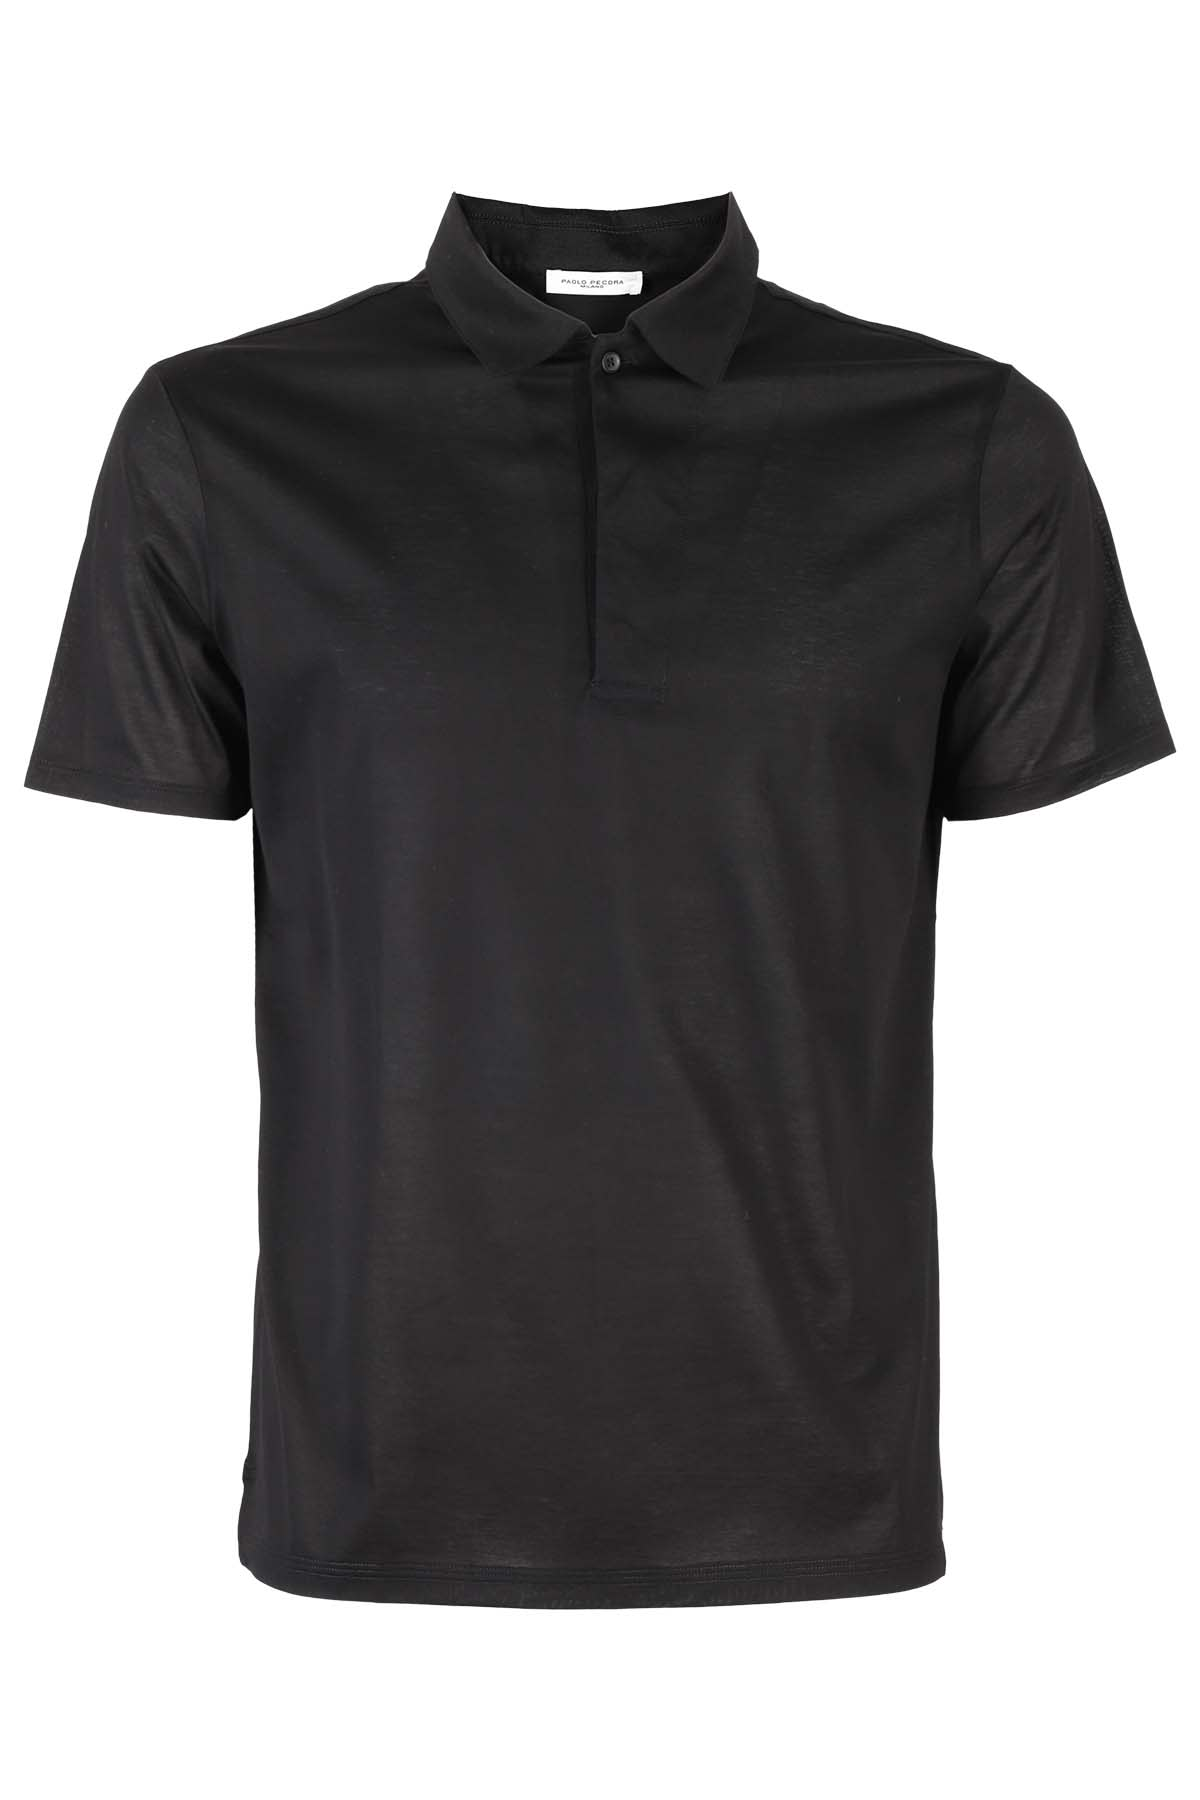 Polo Shirt Paolo Pecora